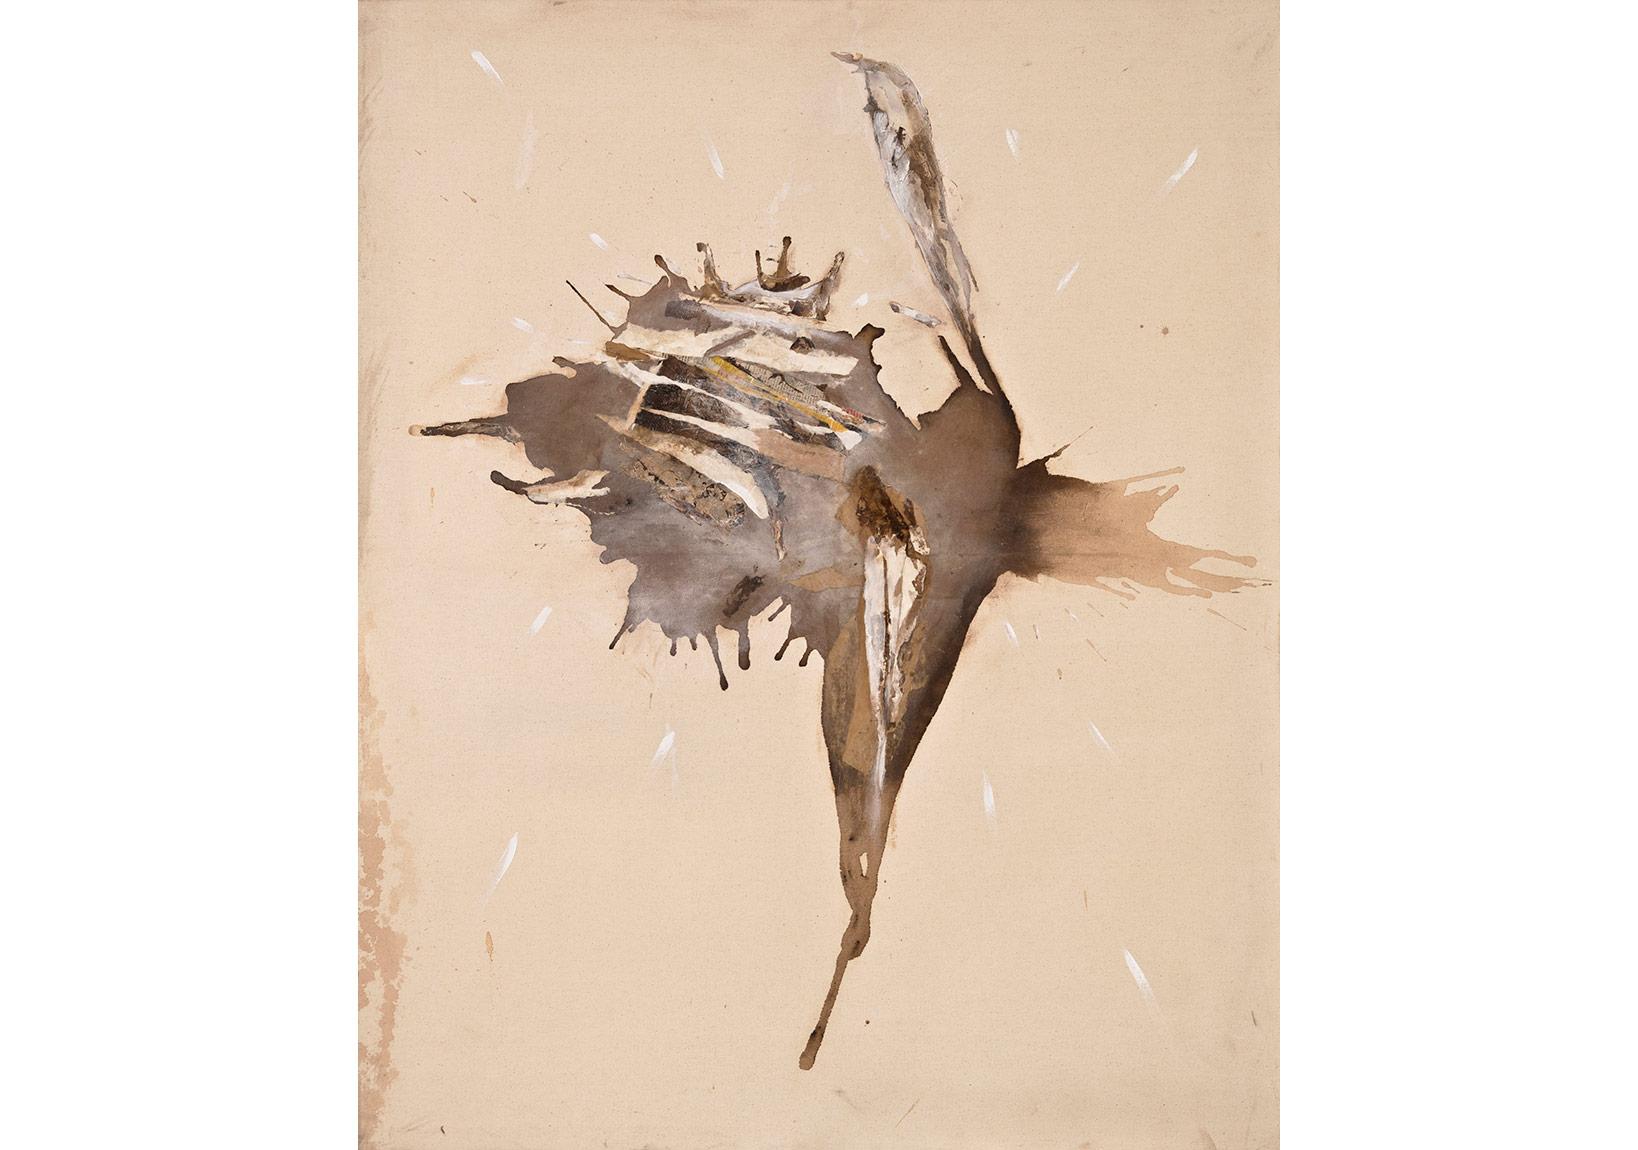 Sihir 2014, tuval üzerine karışık teknik, 125 x 155 cm